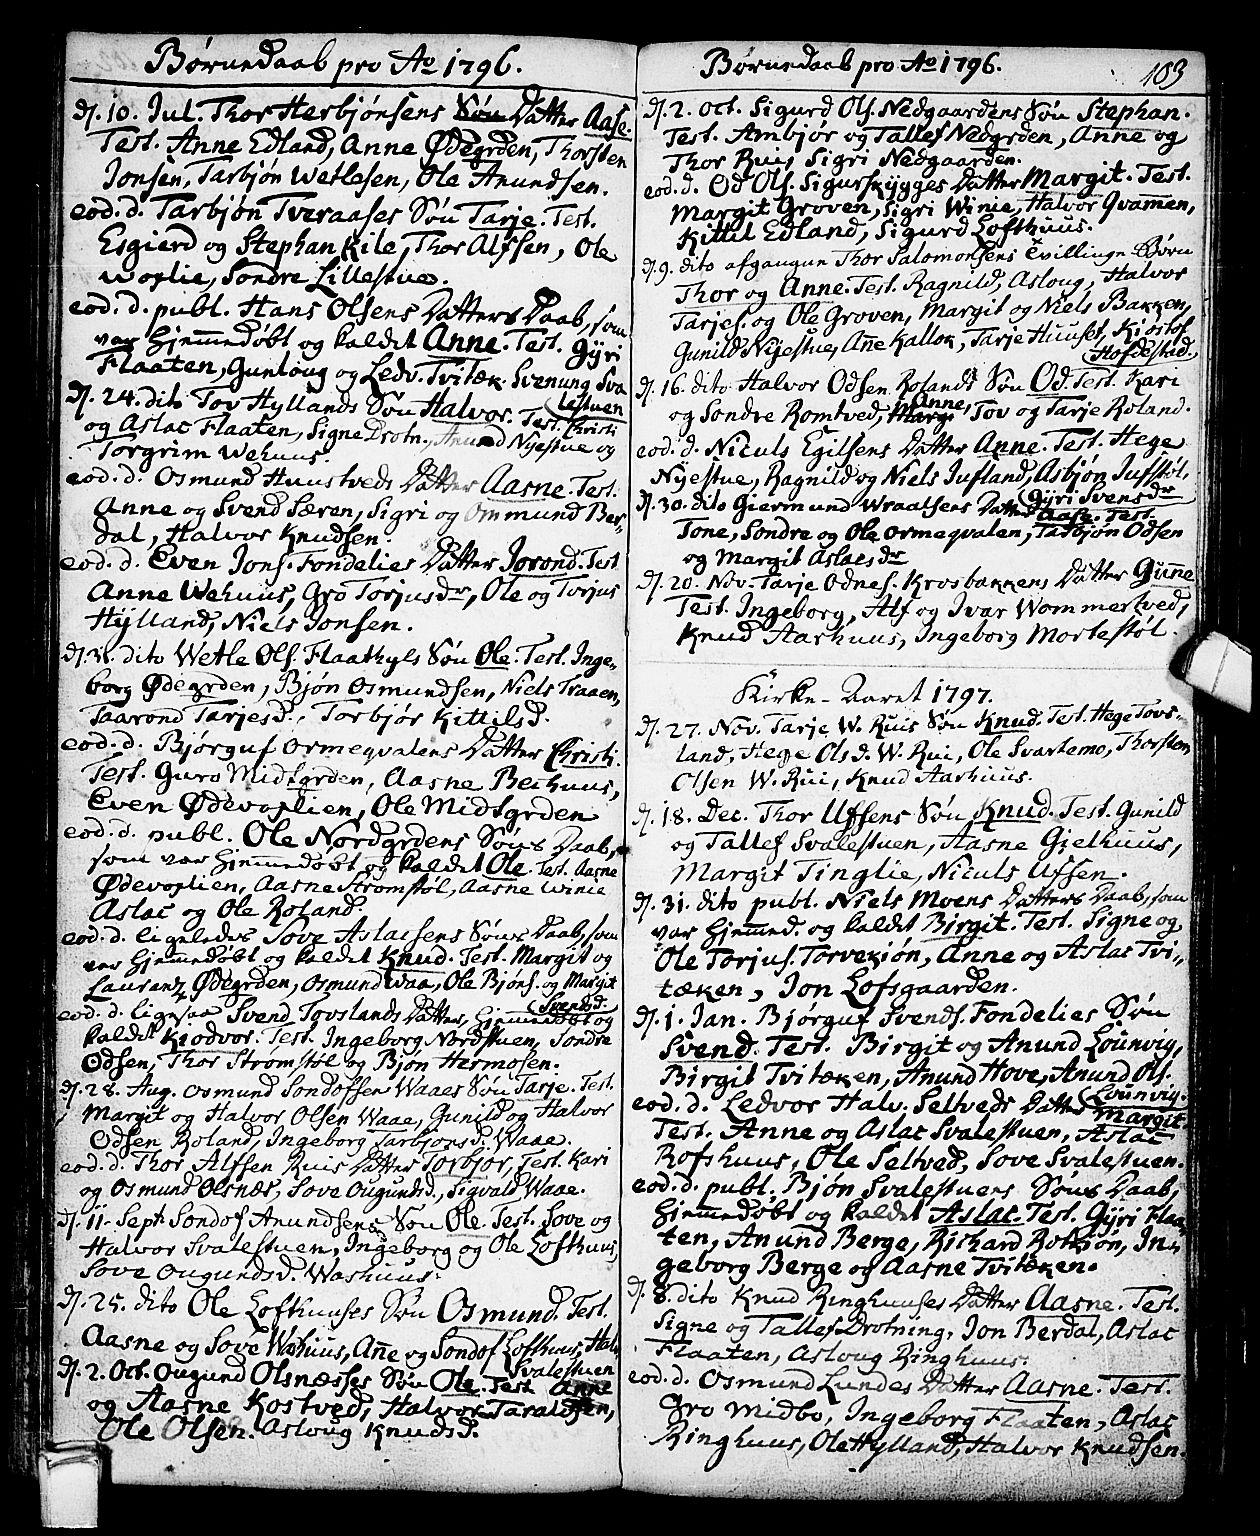 SAKO, Vinje kirkebøker, F/Fa/L0002: Ministerialbok nr. I 2, 1767-1814, s. 103